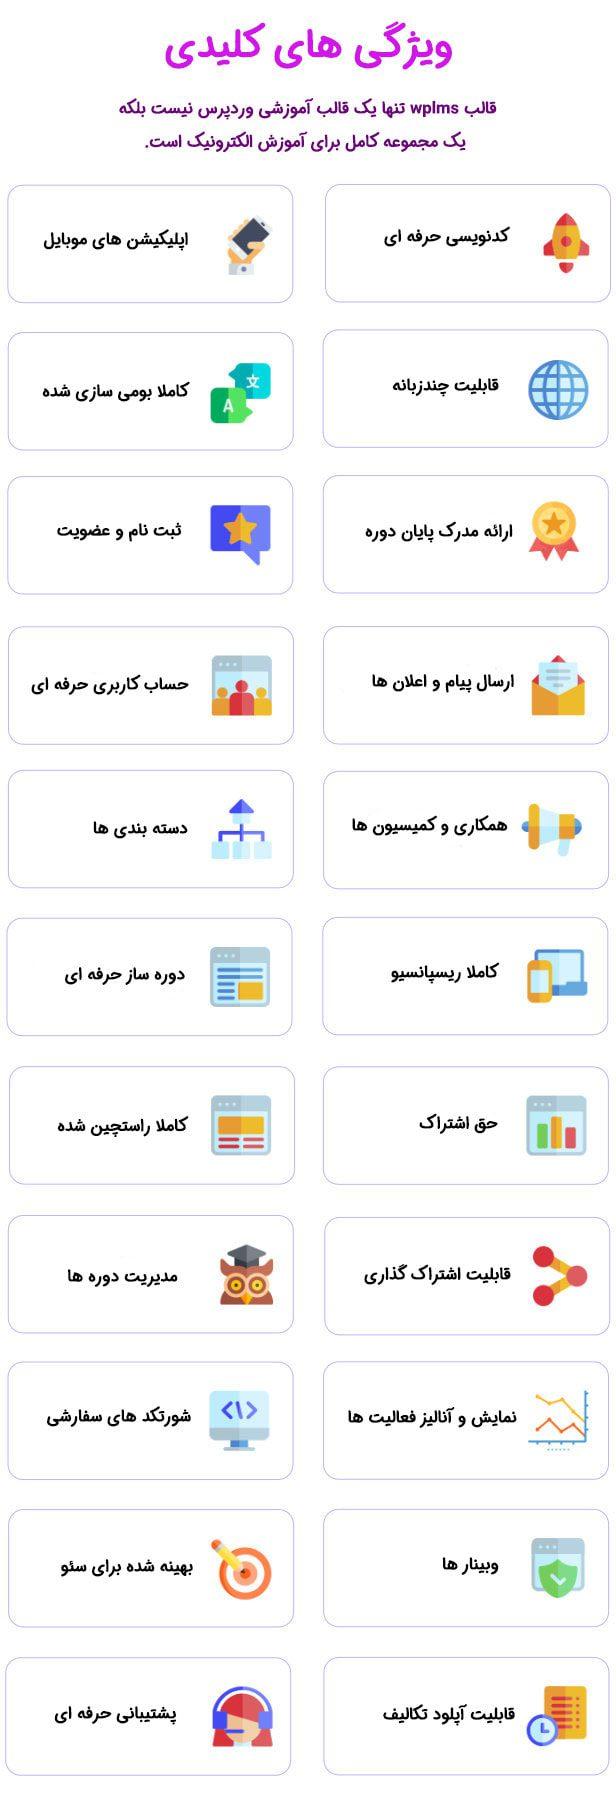 ویژگی های کلیدی/قالب آموزش آنلاین وردپرس WPLMS